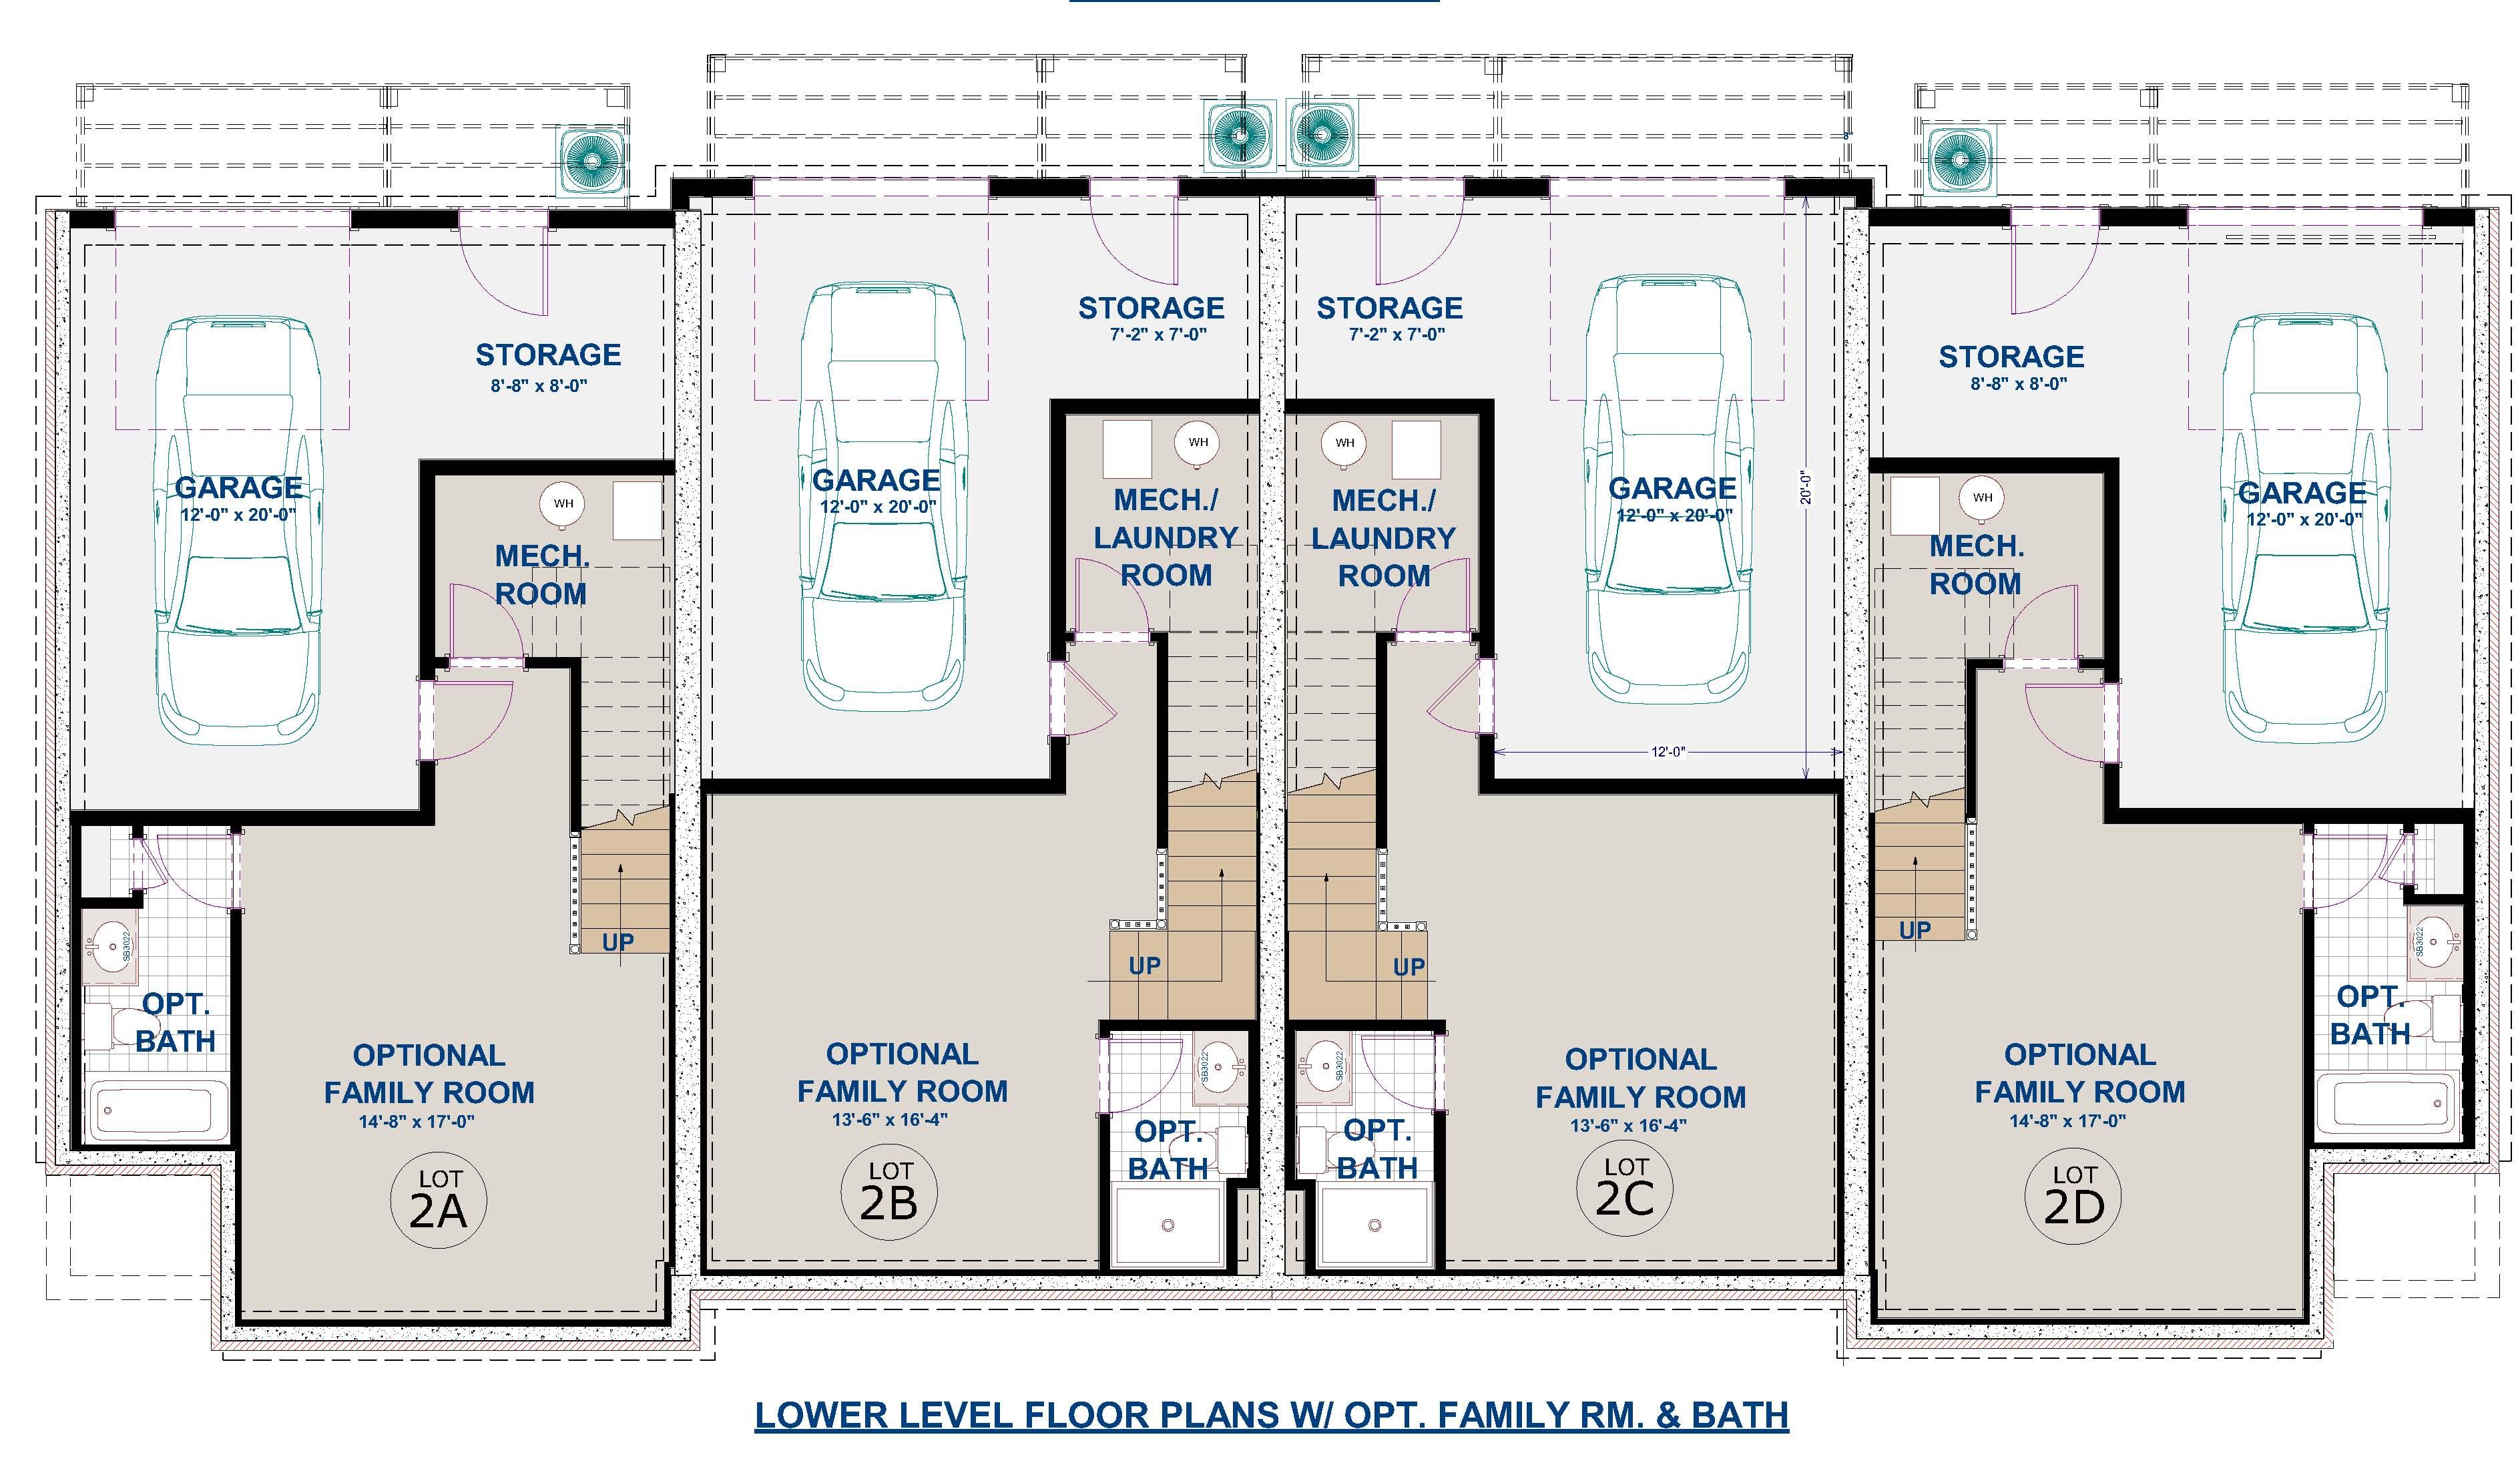 Garage-Lower Level